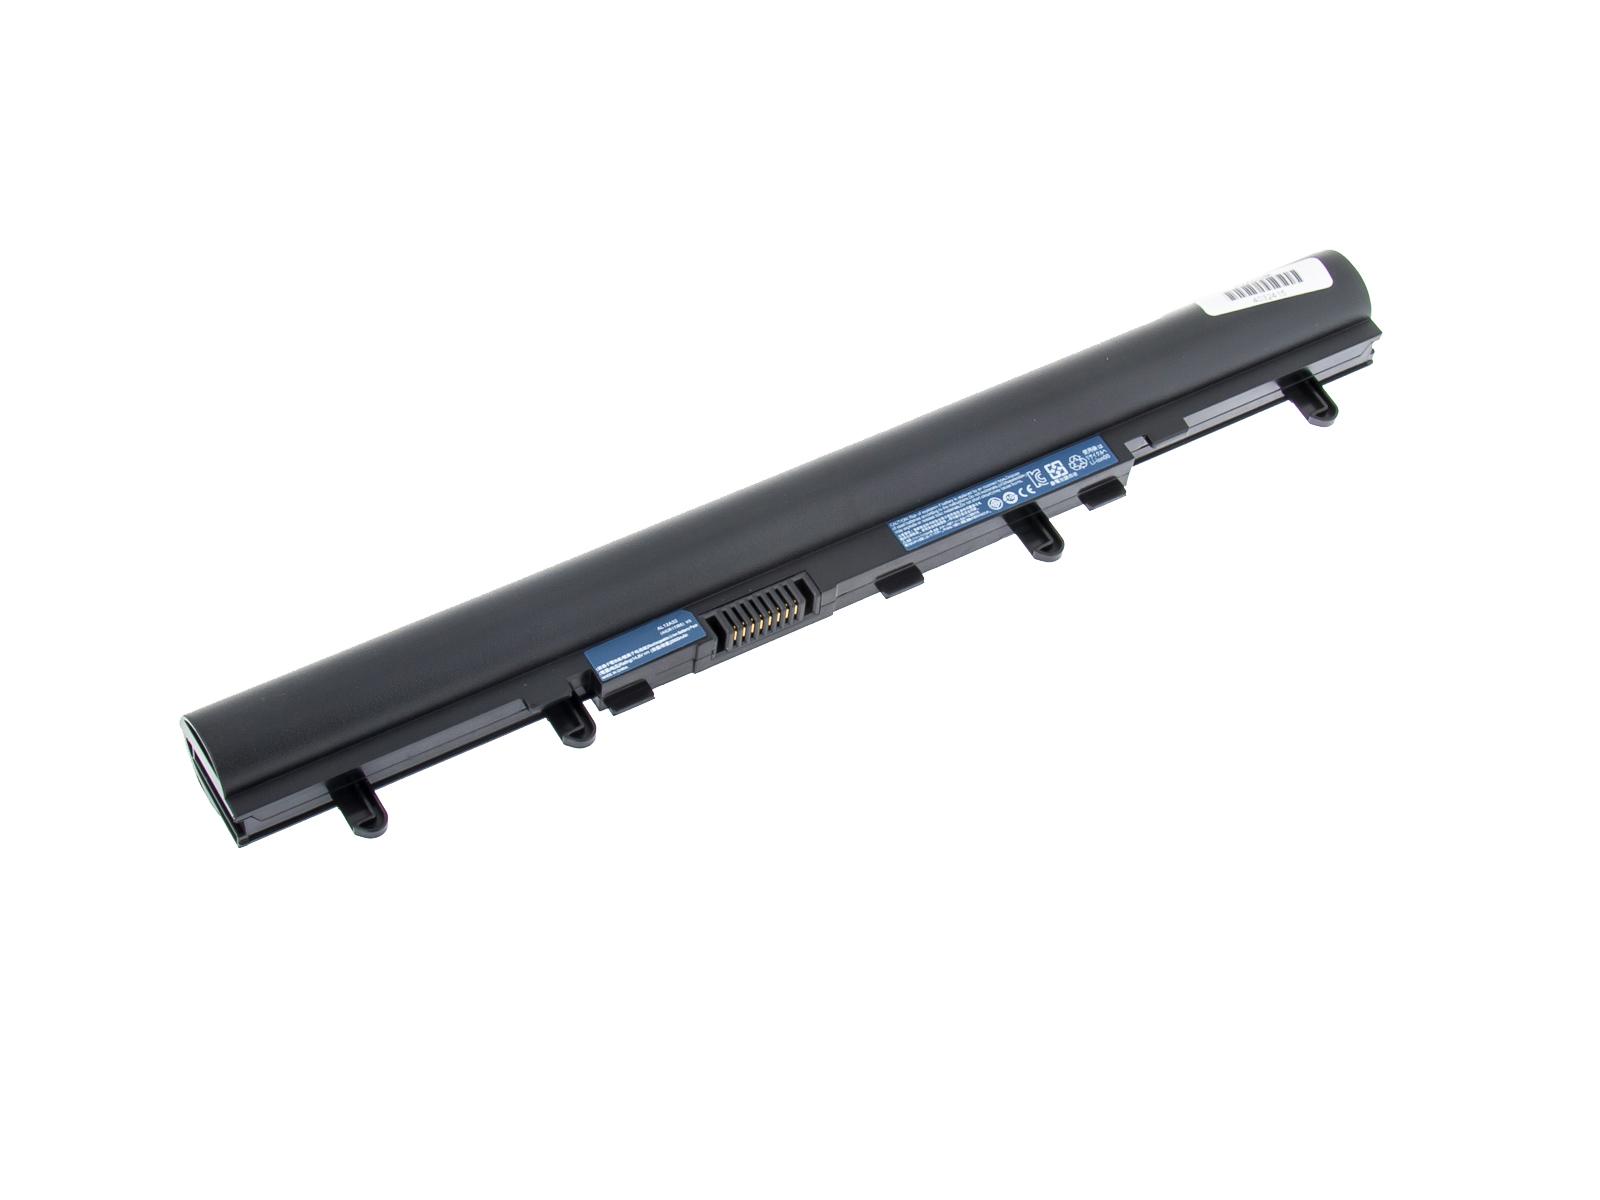 Baterie AVACOM NOAC-AV5-S26 pro Acer Aspire V5 serie Li-Ion 14,8V 2600mAh 38Wh